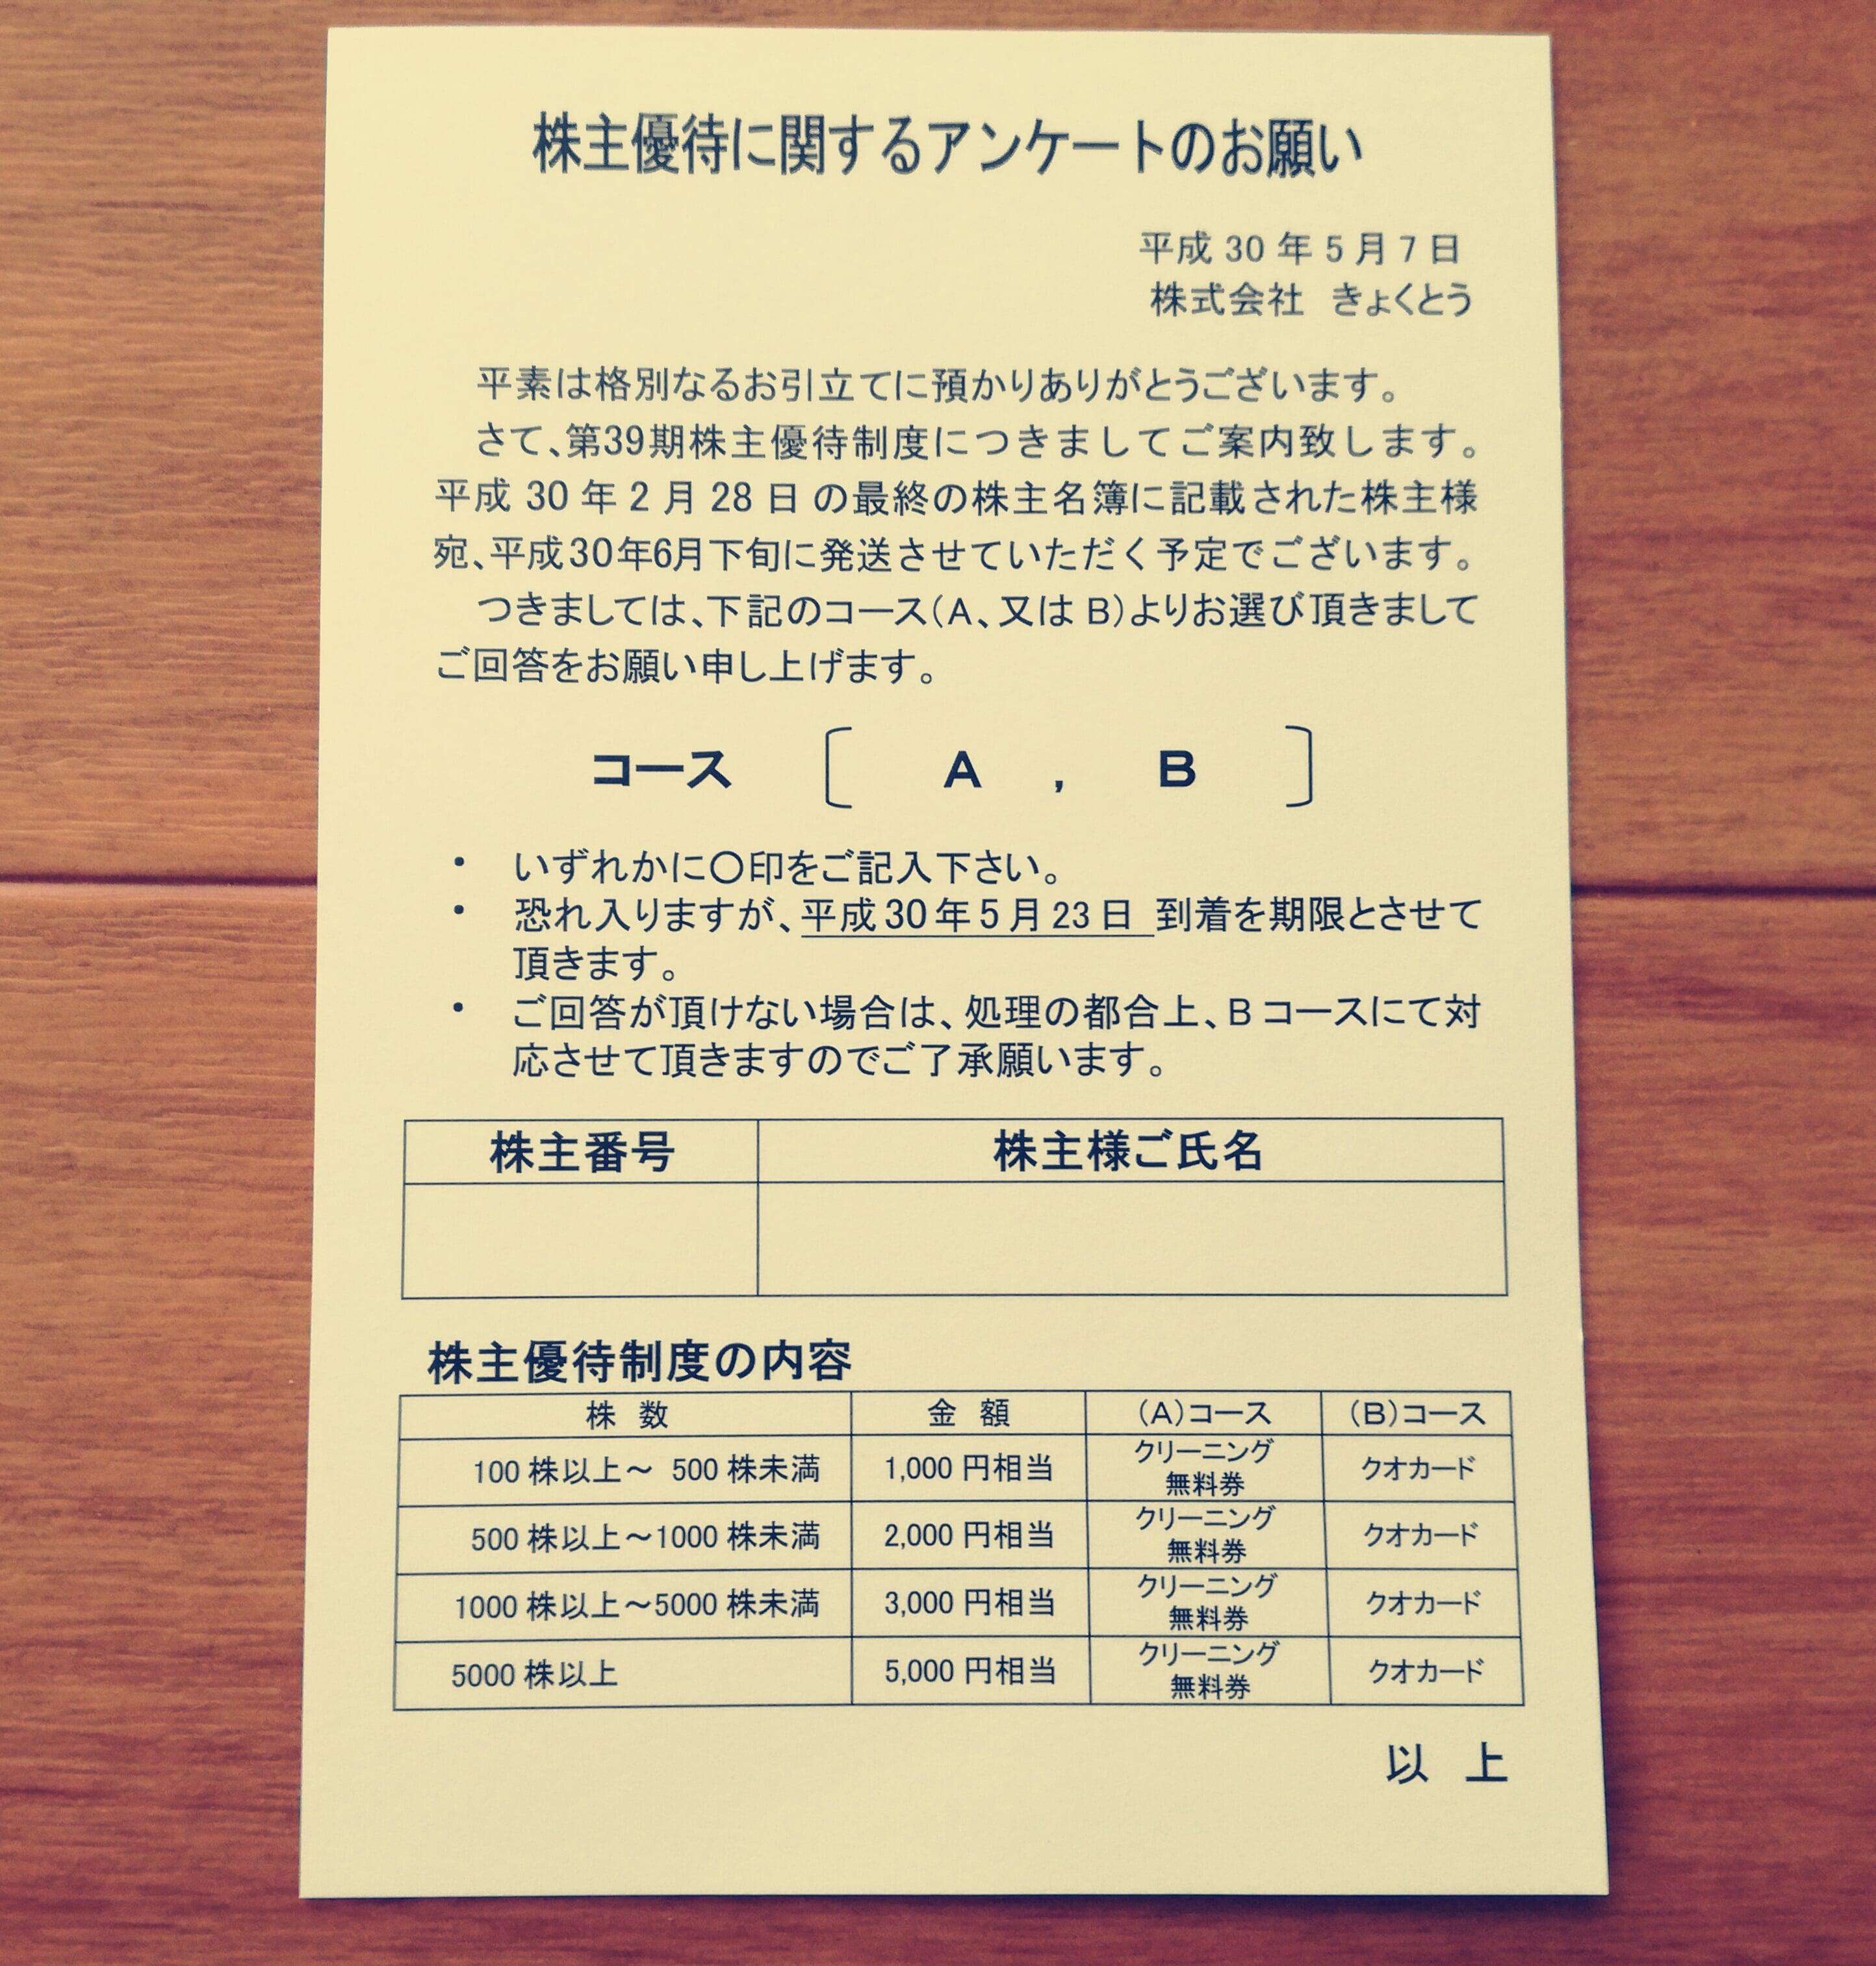 きょくとう(2300)の株主優待ハガキが到着!クオカードを選択します!